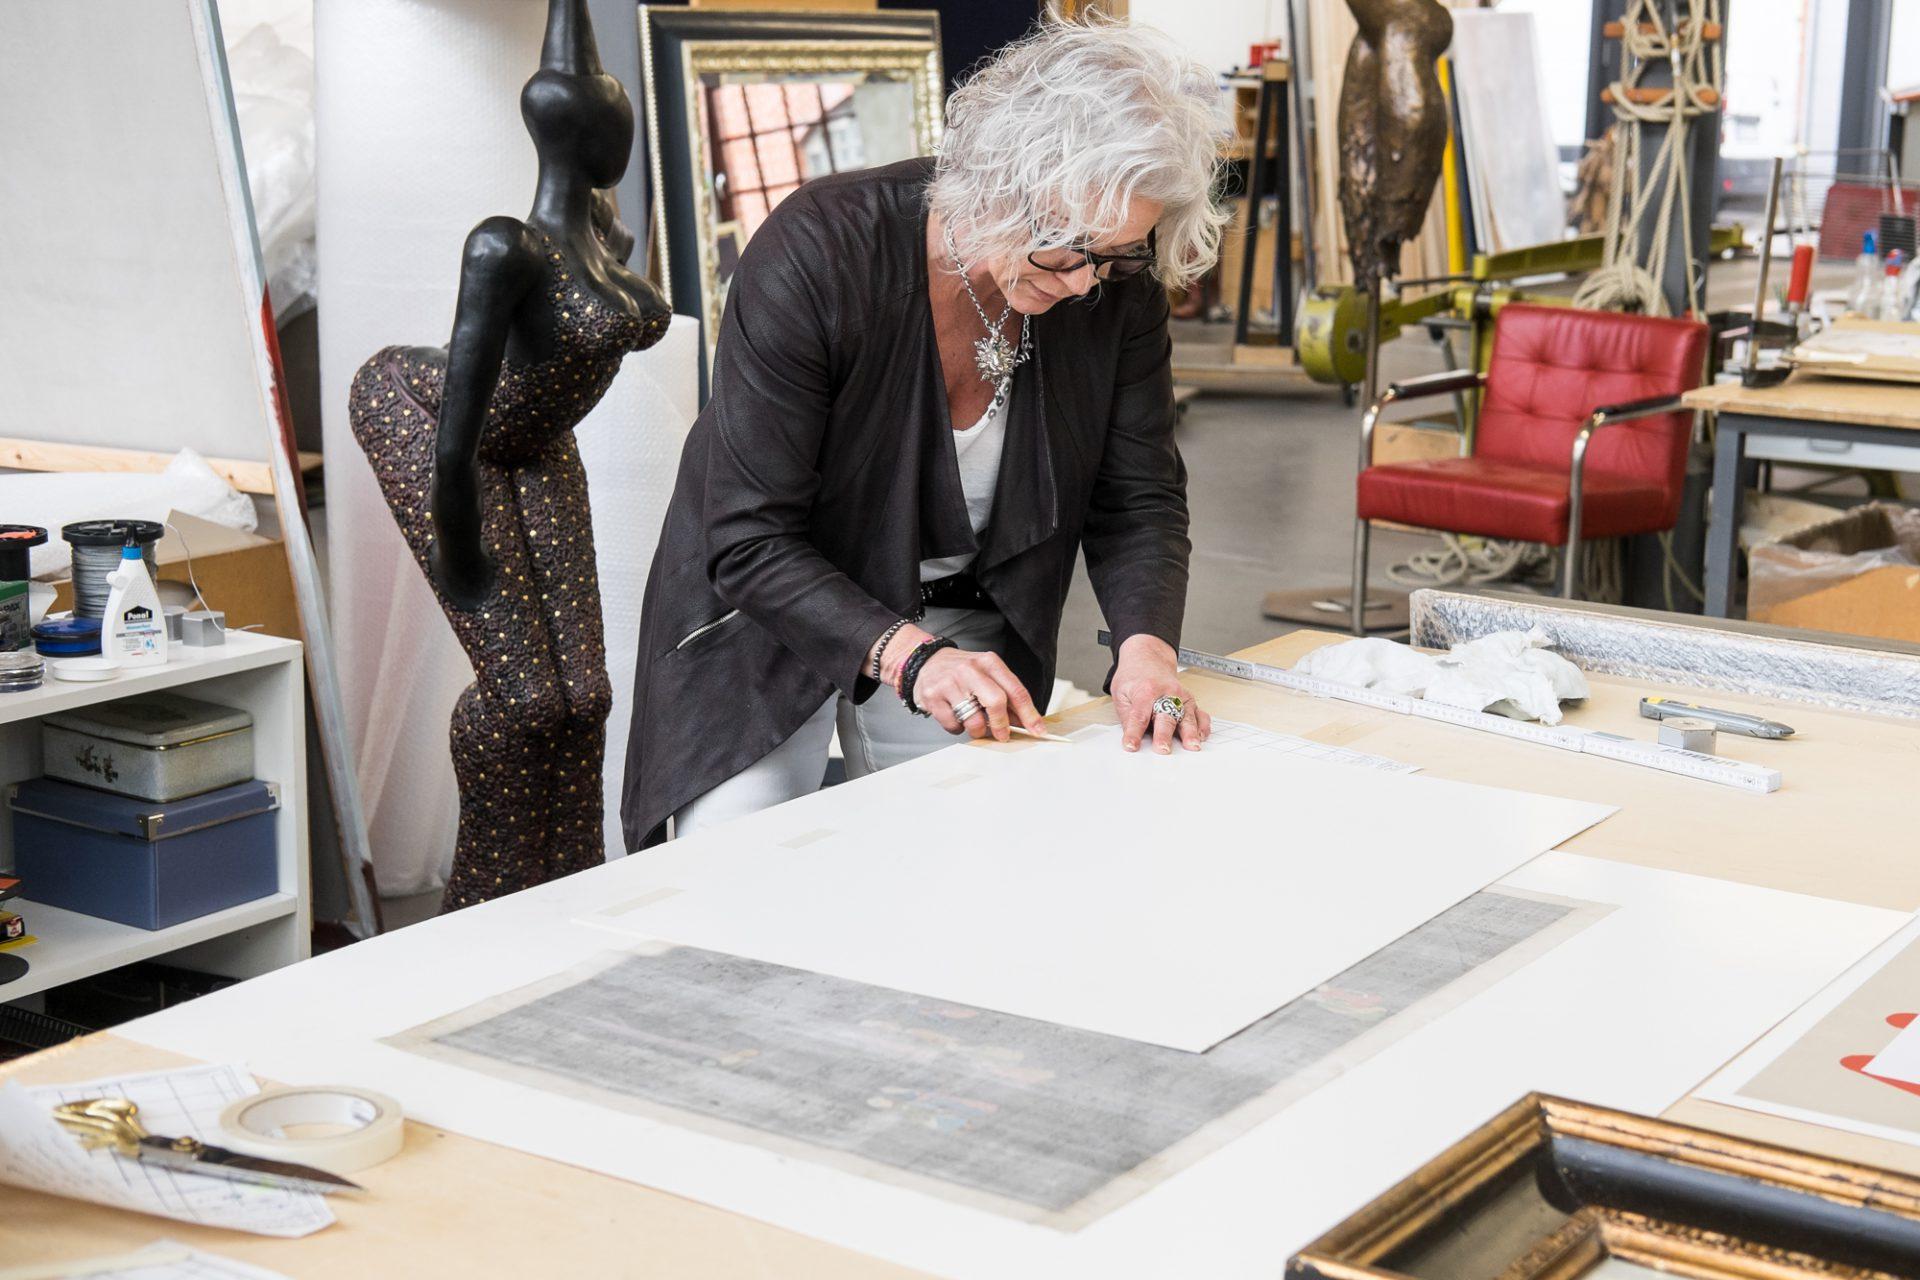 Rahmenkünstlerin am Tisch stehend und rahmt ein Bild